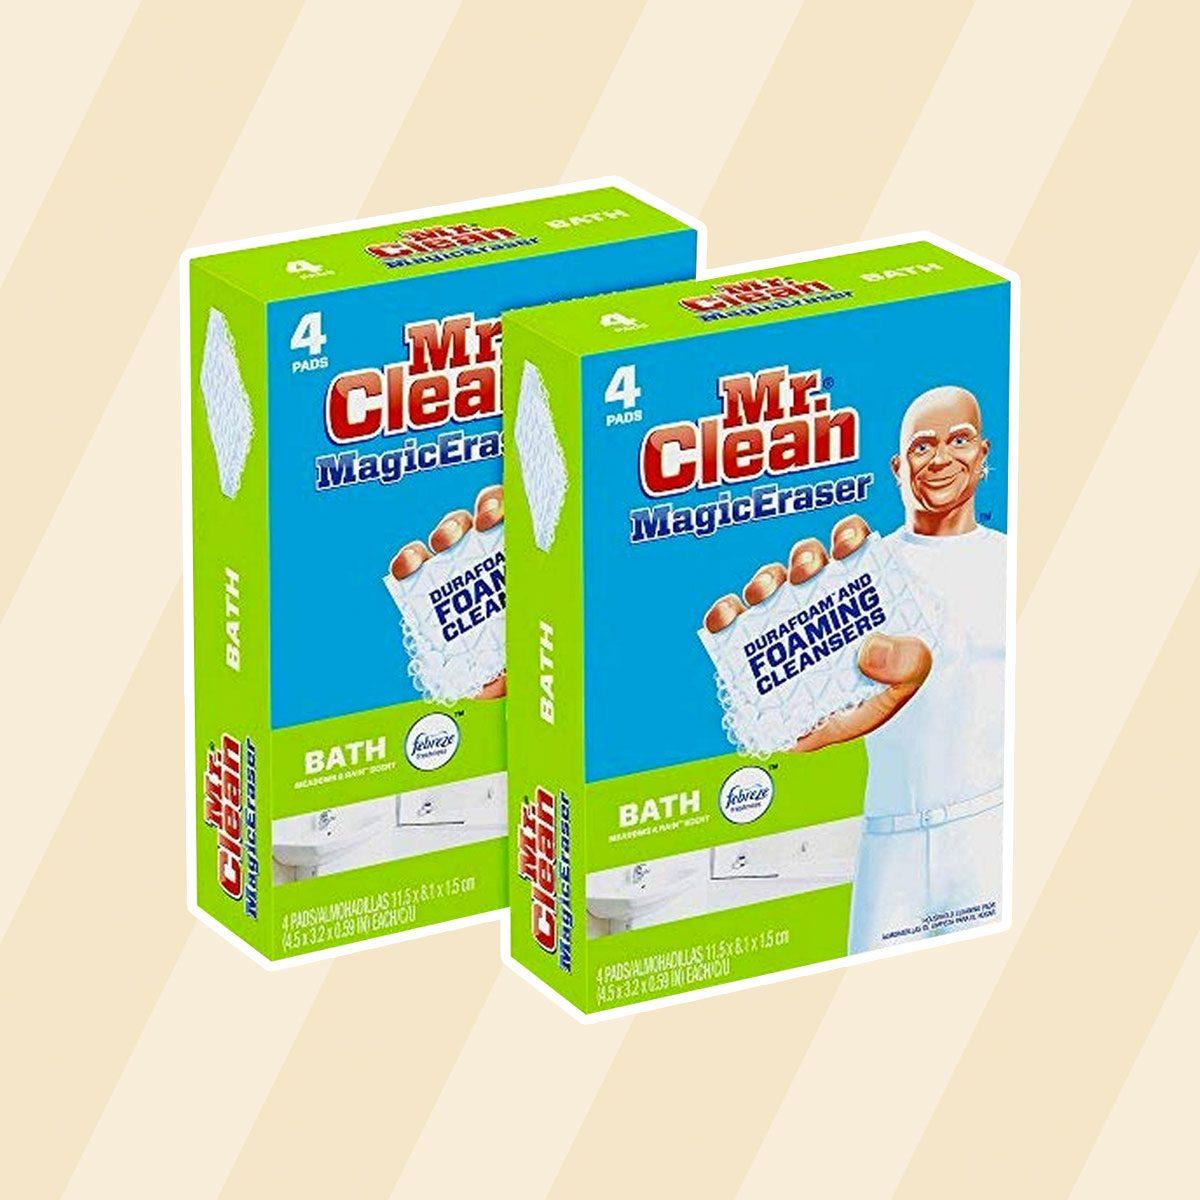 Mr. Clean Magic Eraser Bath Scrubber, 4Count (Pack of 2)